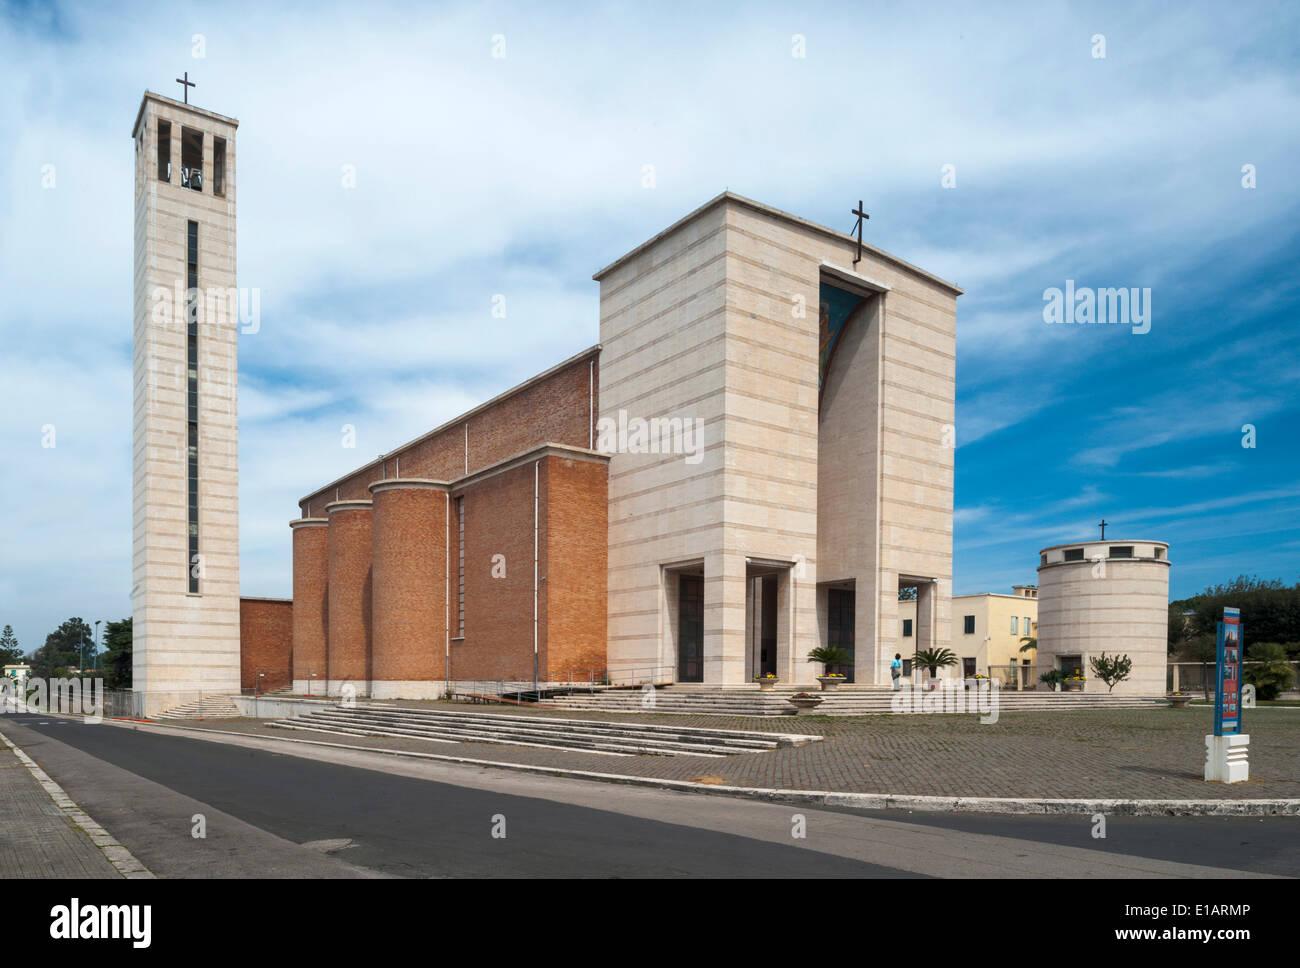 L'église avec une tour, 1935, l'architecture monumentale, Sabaudia, lazio, Italie Photo Stock